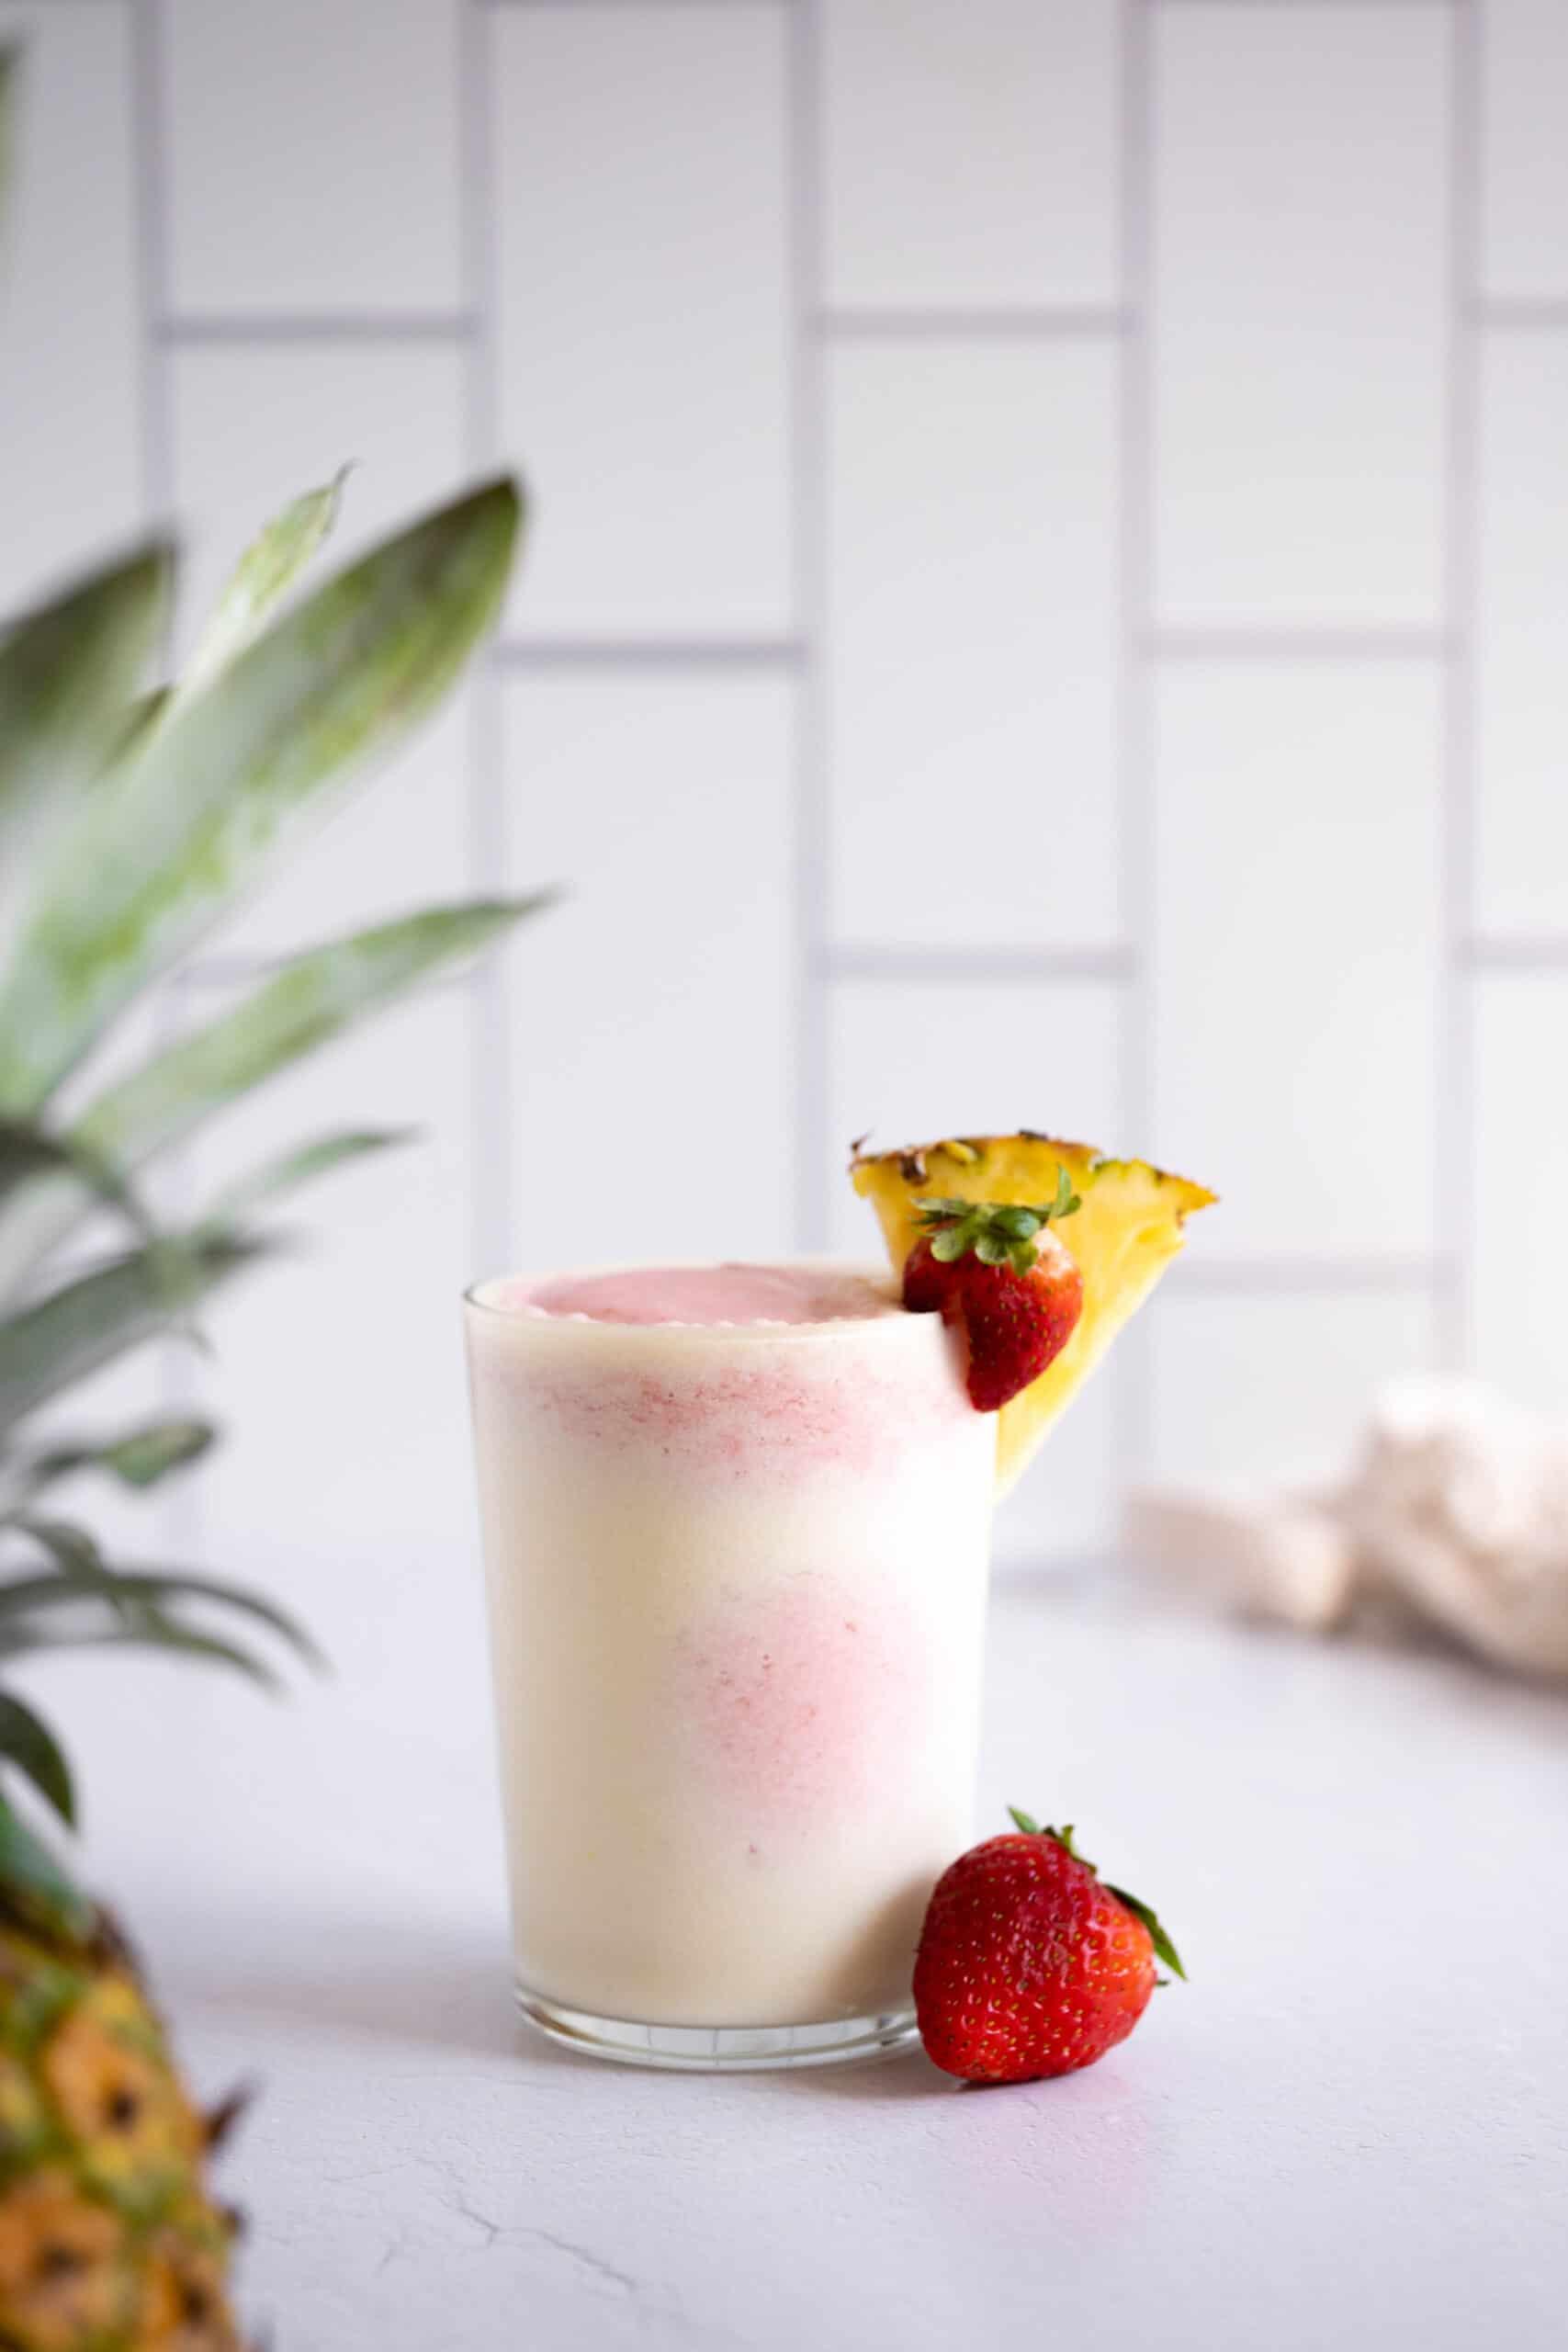 A strawberry pina colada